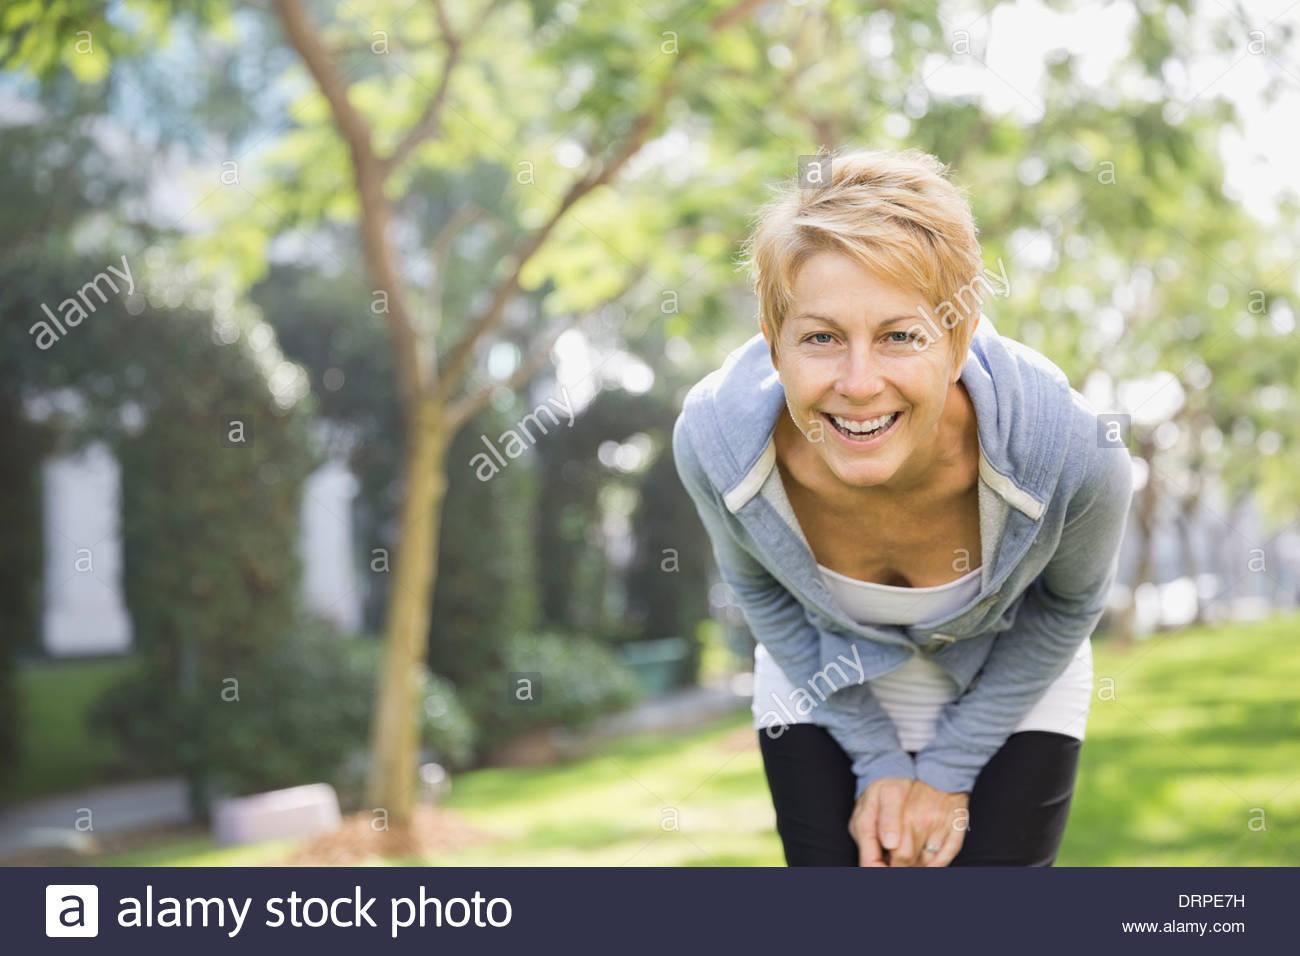 Porträt der stets gut gelaunte Frau im park Stockbild